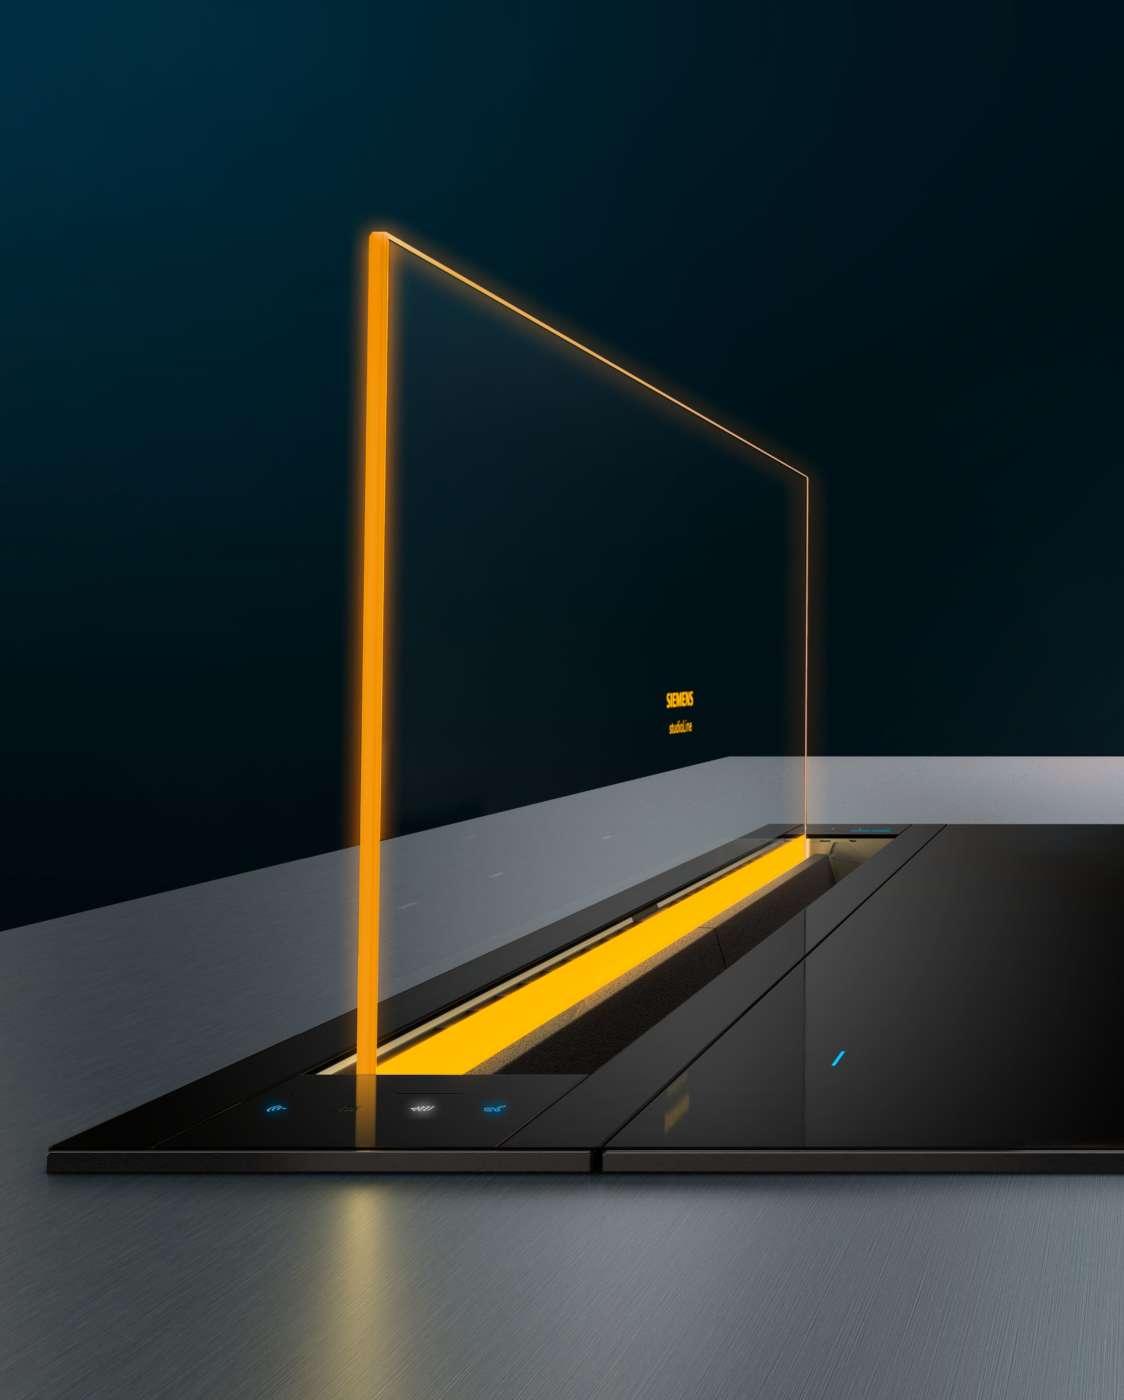 Siemens_glassdraftAir_vetro_led